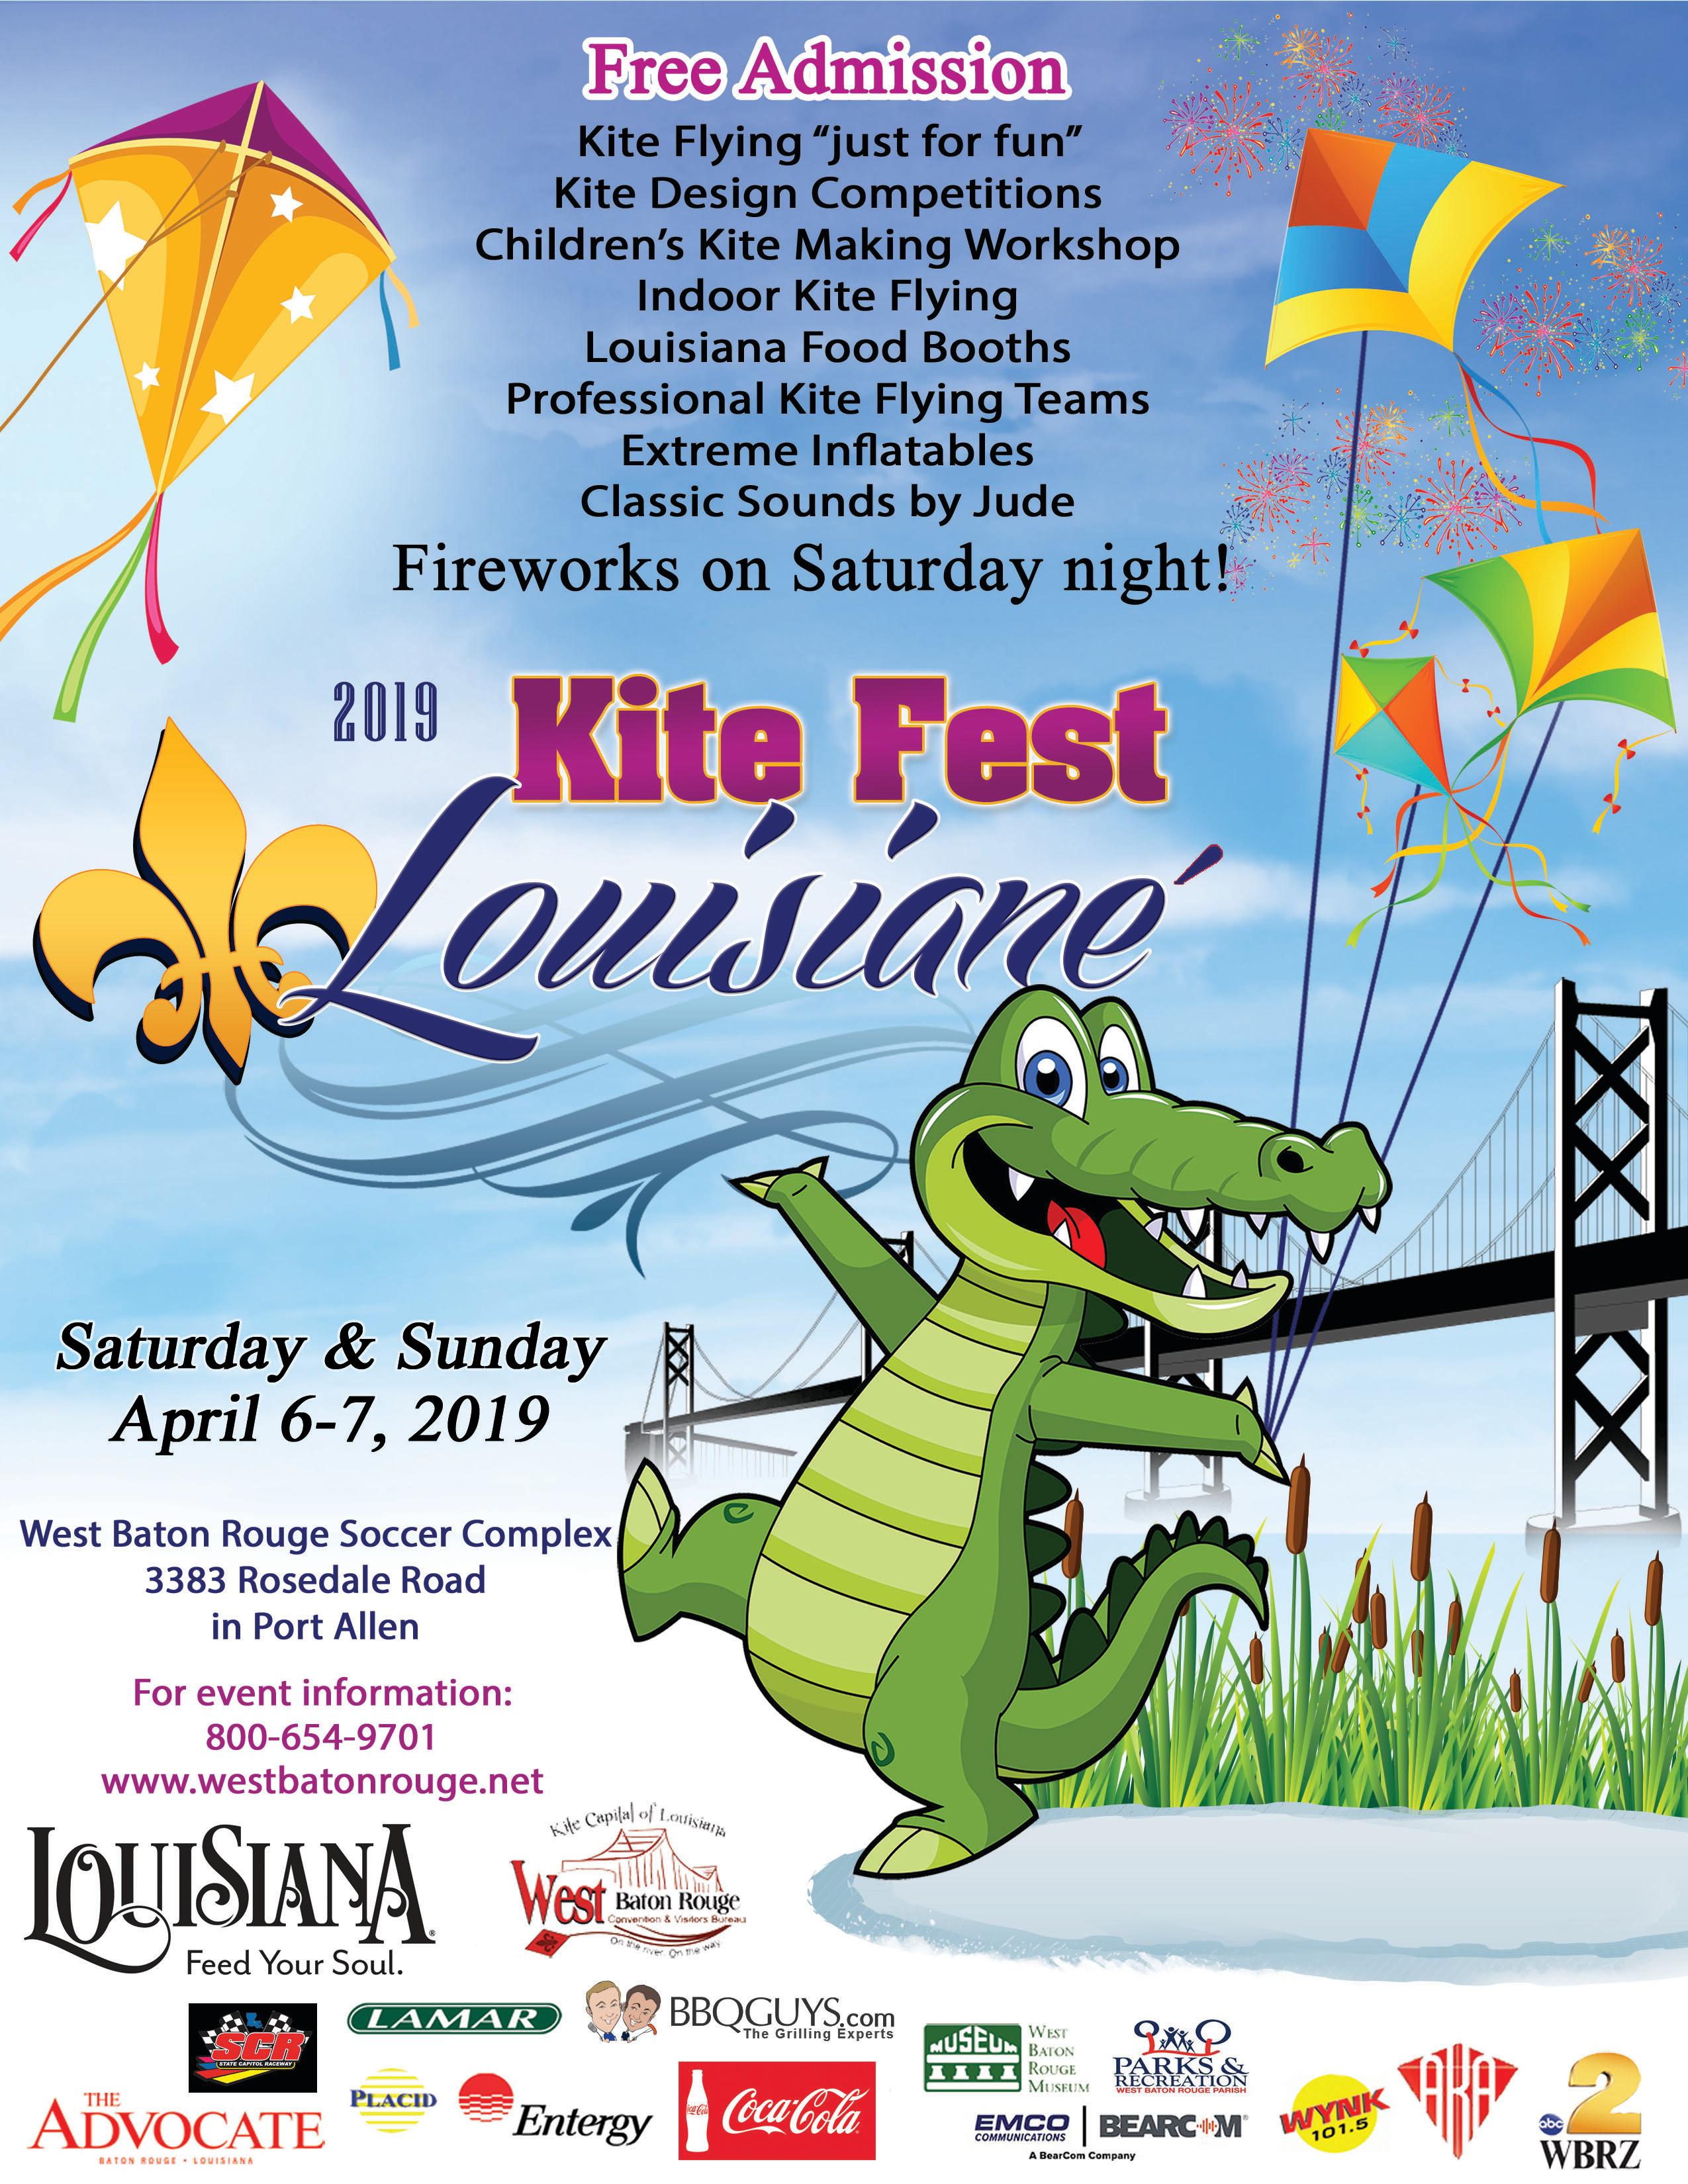 Kite Fest 2019 flyer